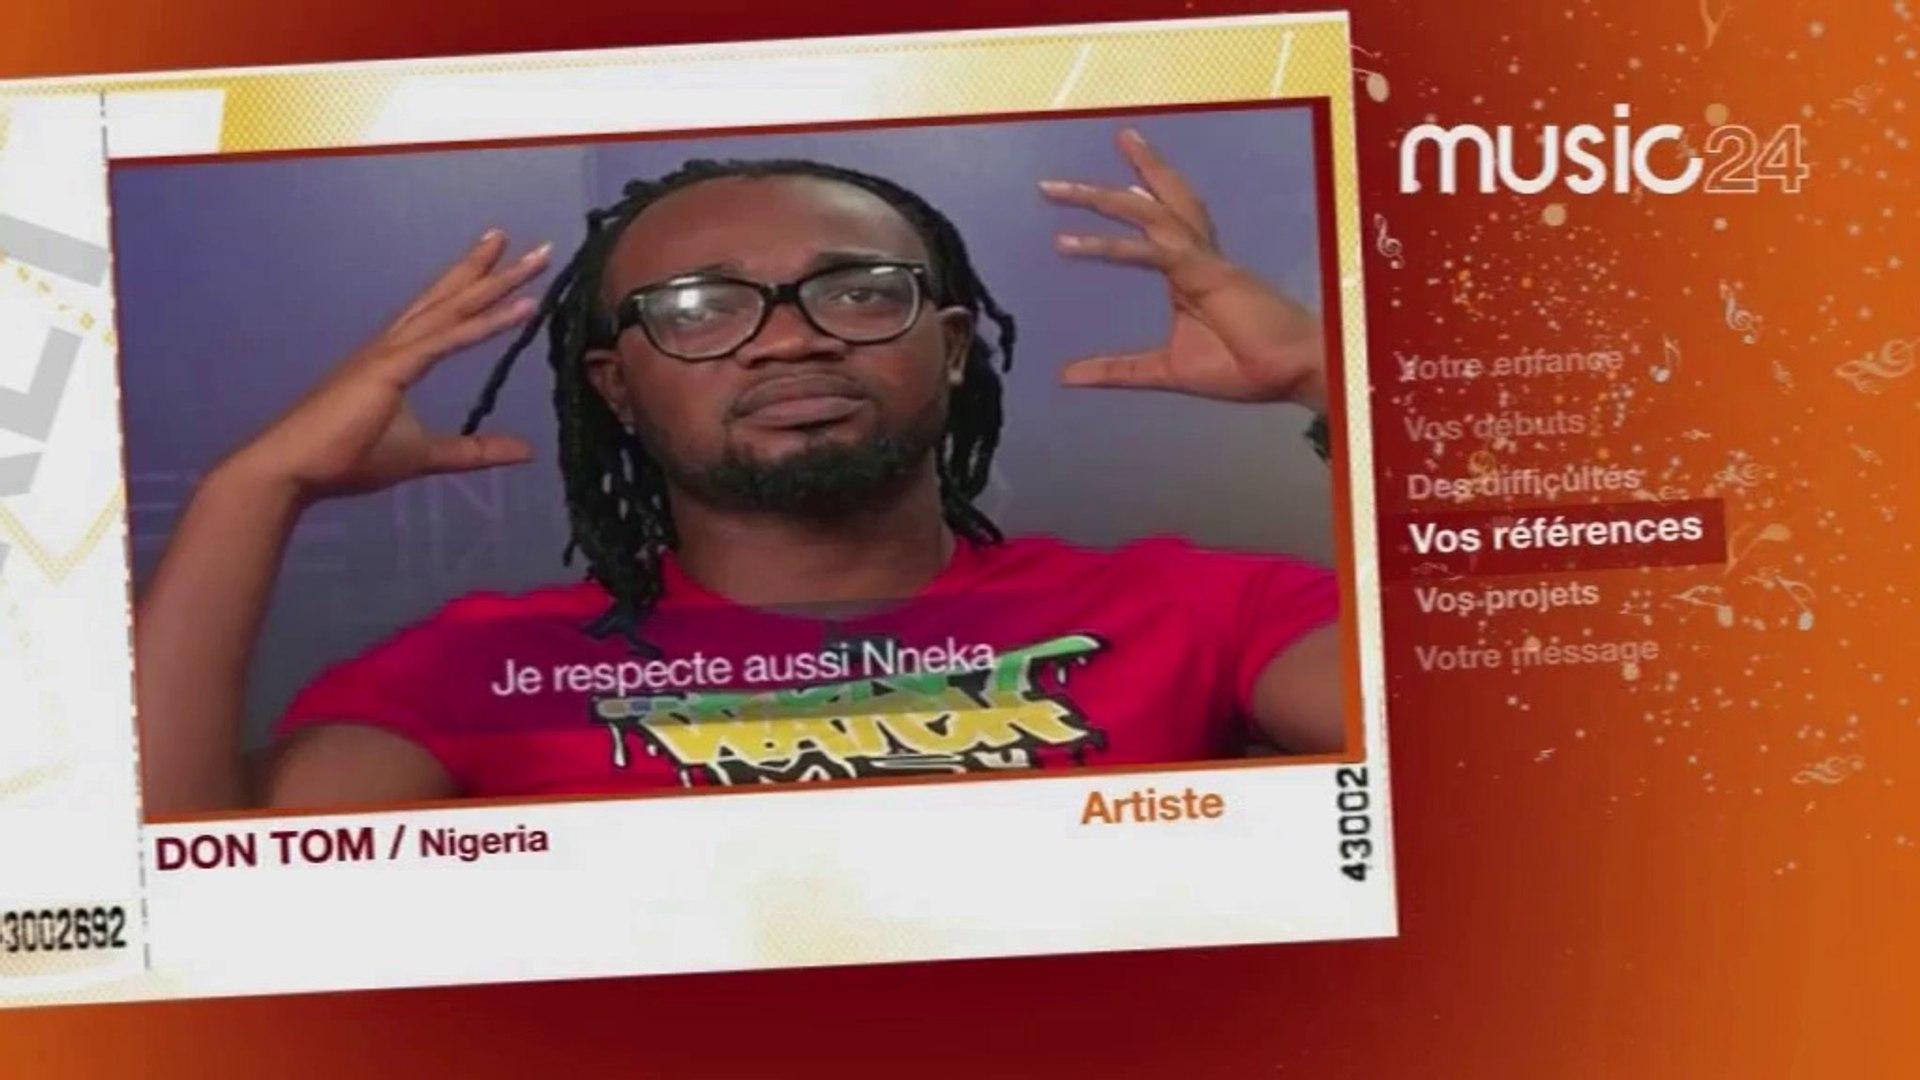 MUSIC 24 - DON TOM - Nigéria